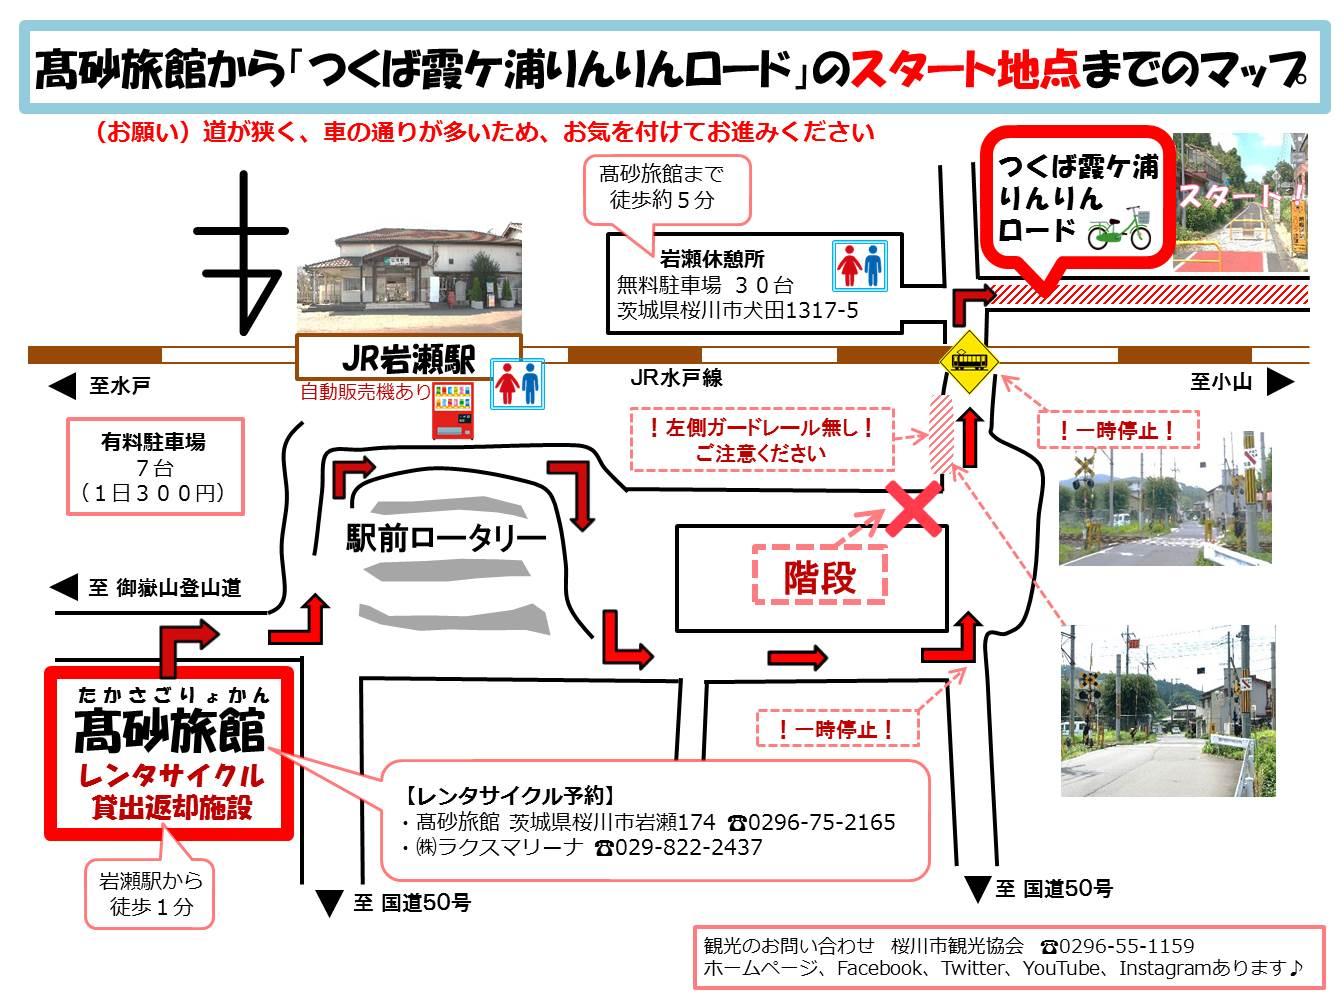 『岩瀬駅前マップ』の画像